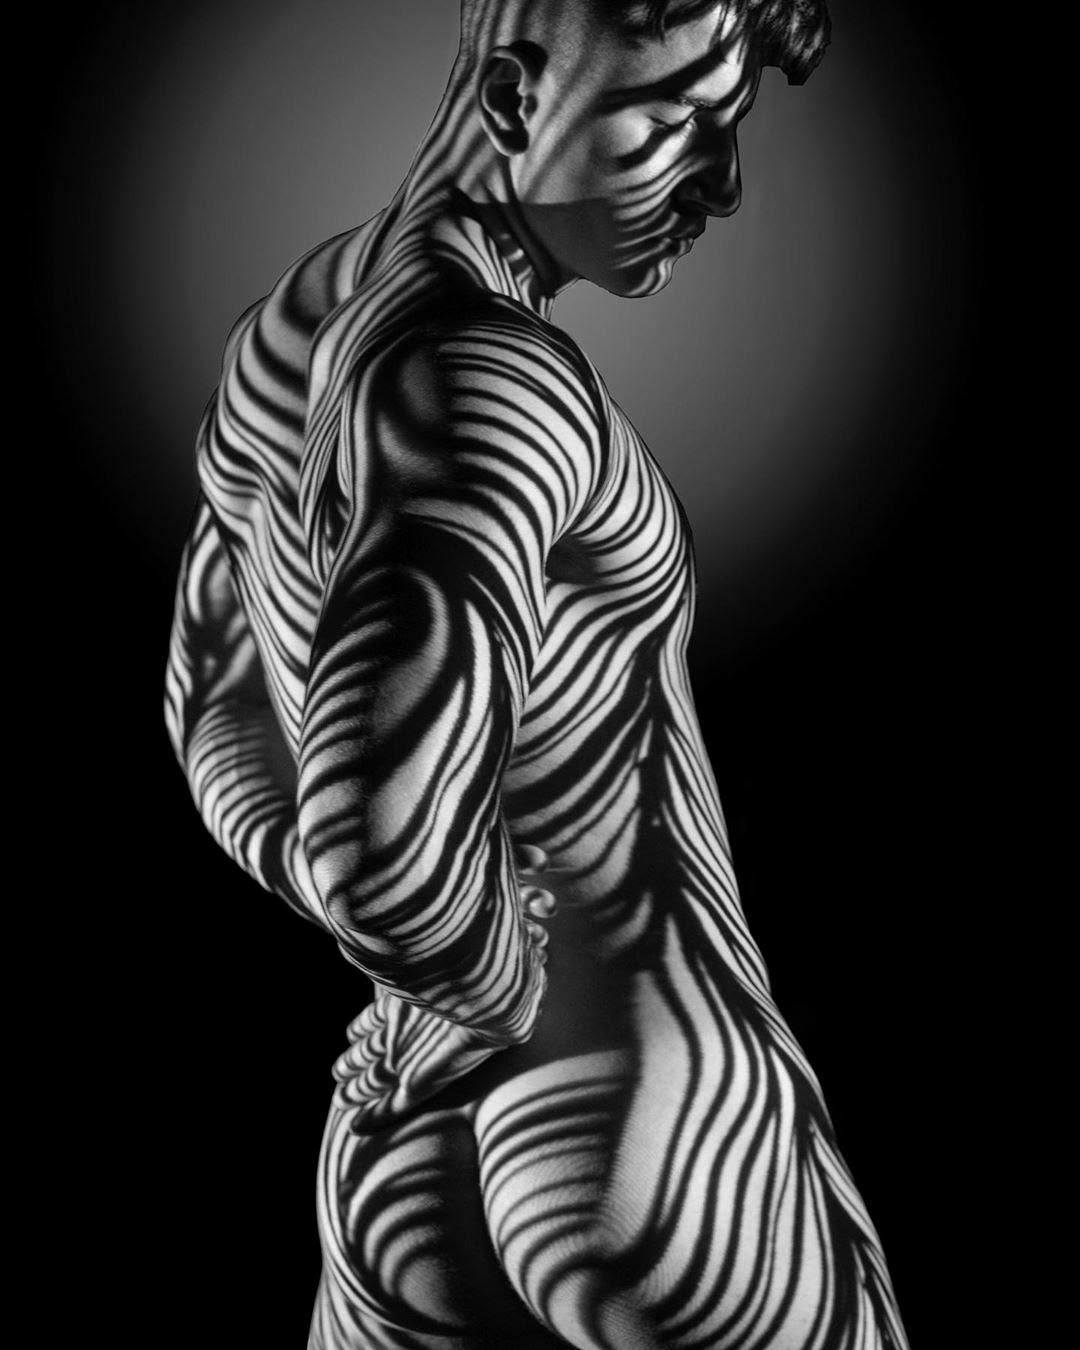 StripeS, by Ivan Lerez ft J. DPablo (NSFW).